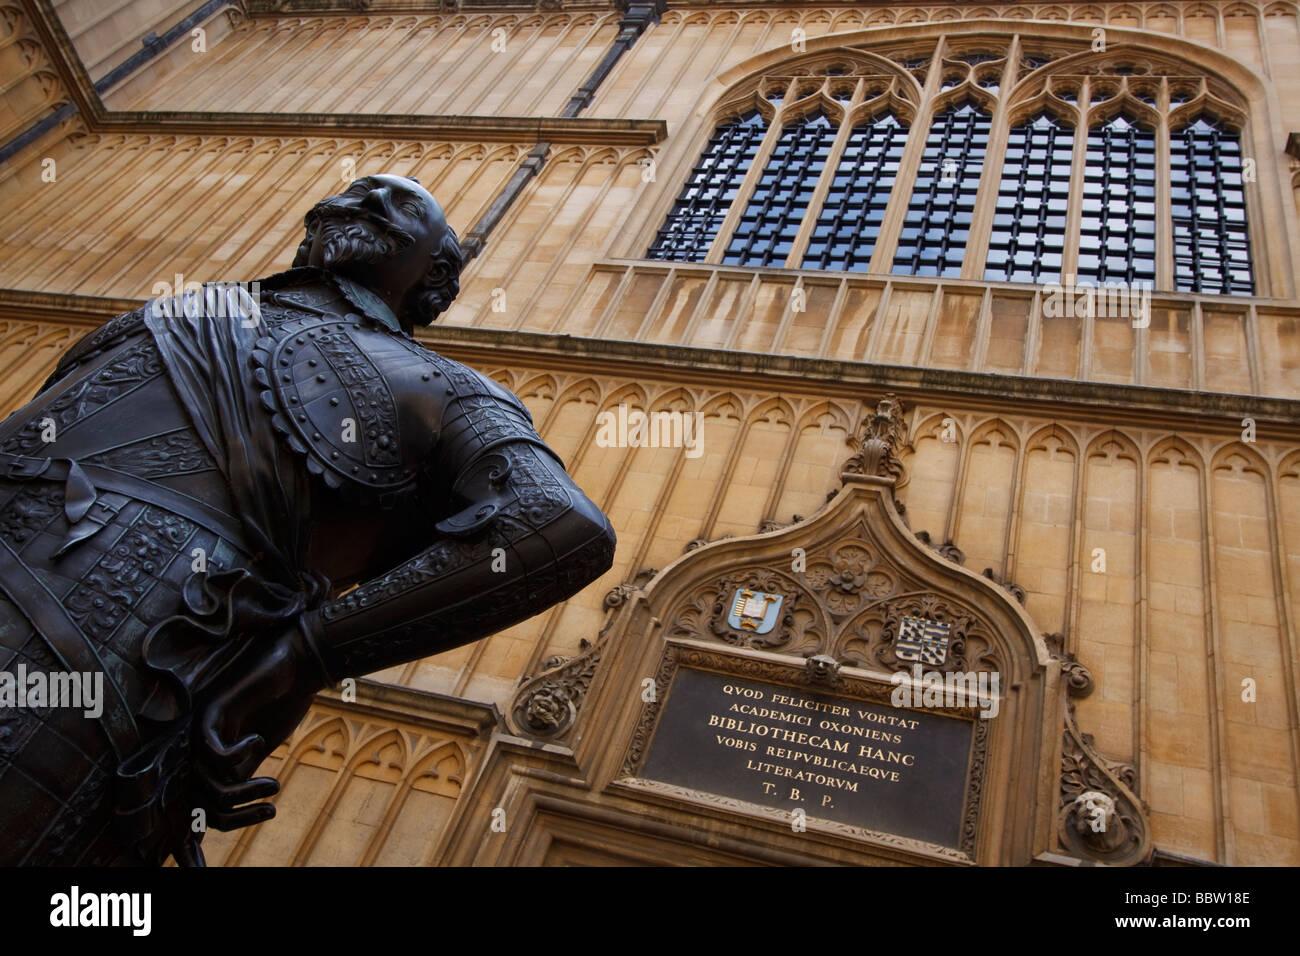 Statue du Comte de Pembroke à la Bodleian Library, l'Université d'Oxford Photo Stock